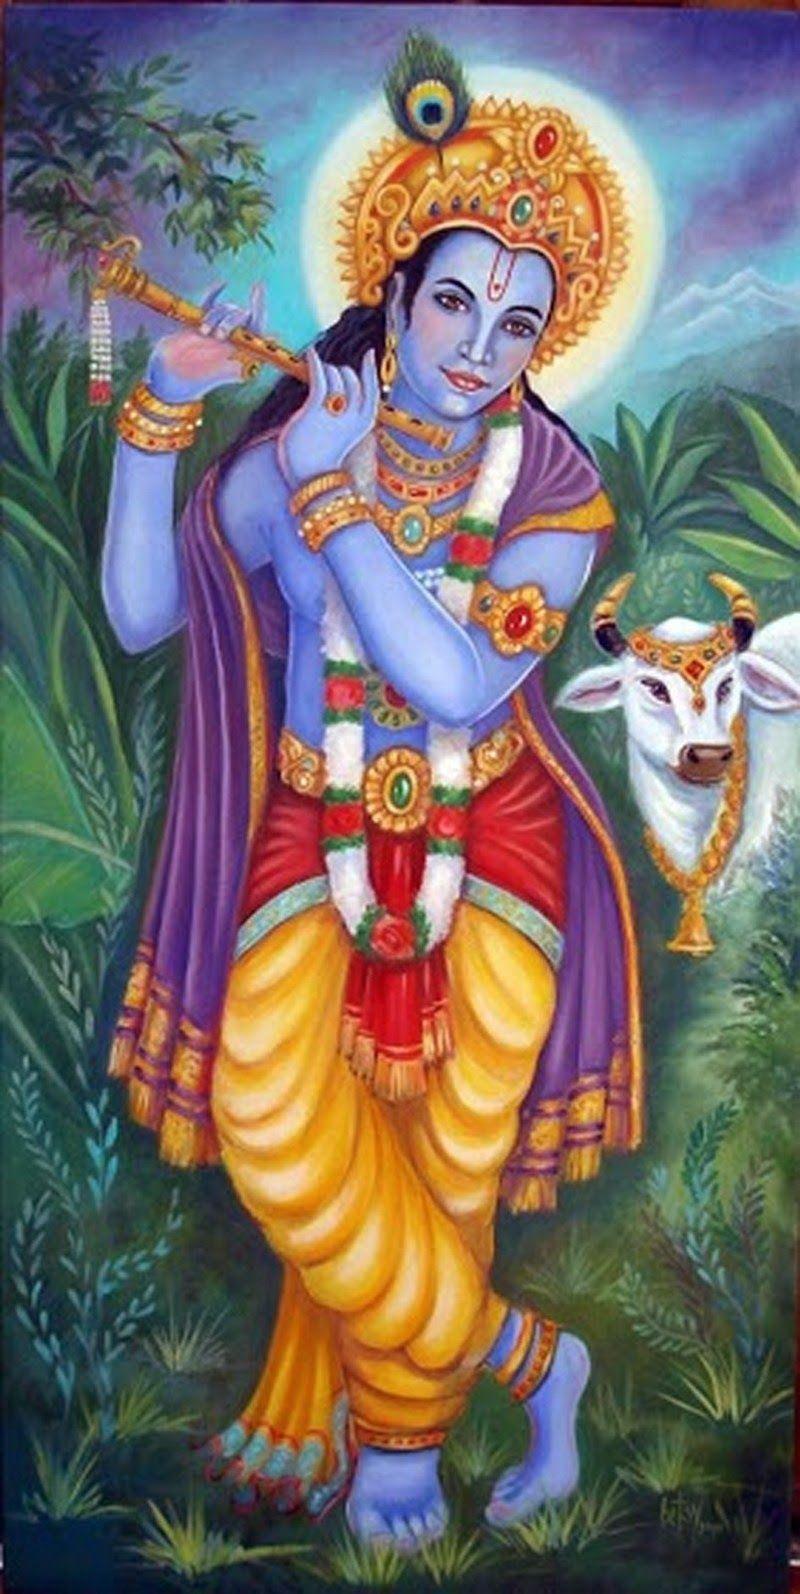 shree krishna wallpapers hd